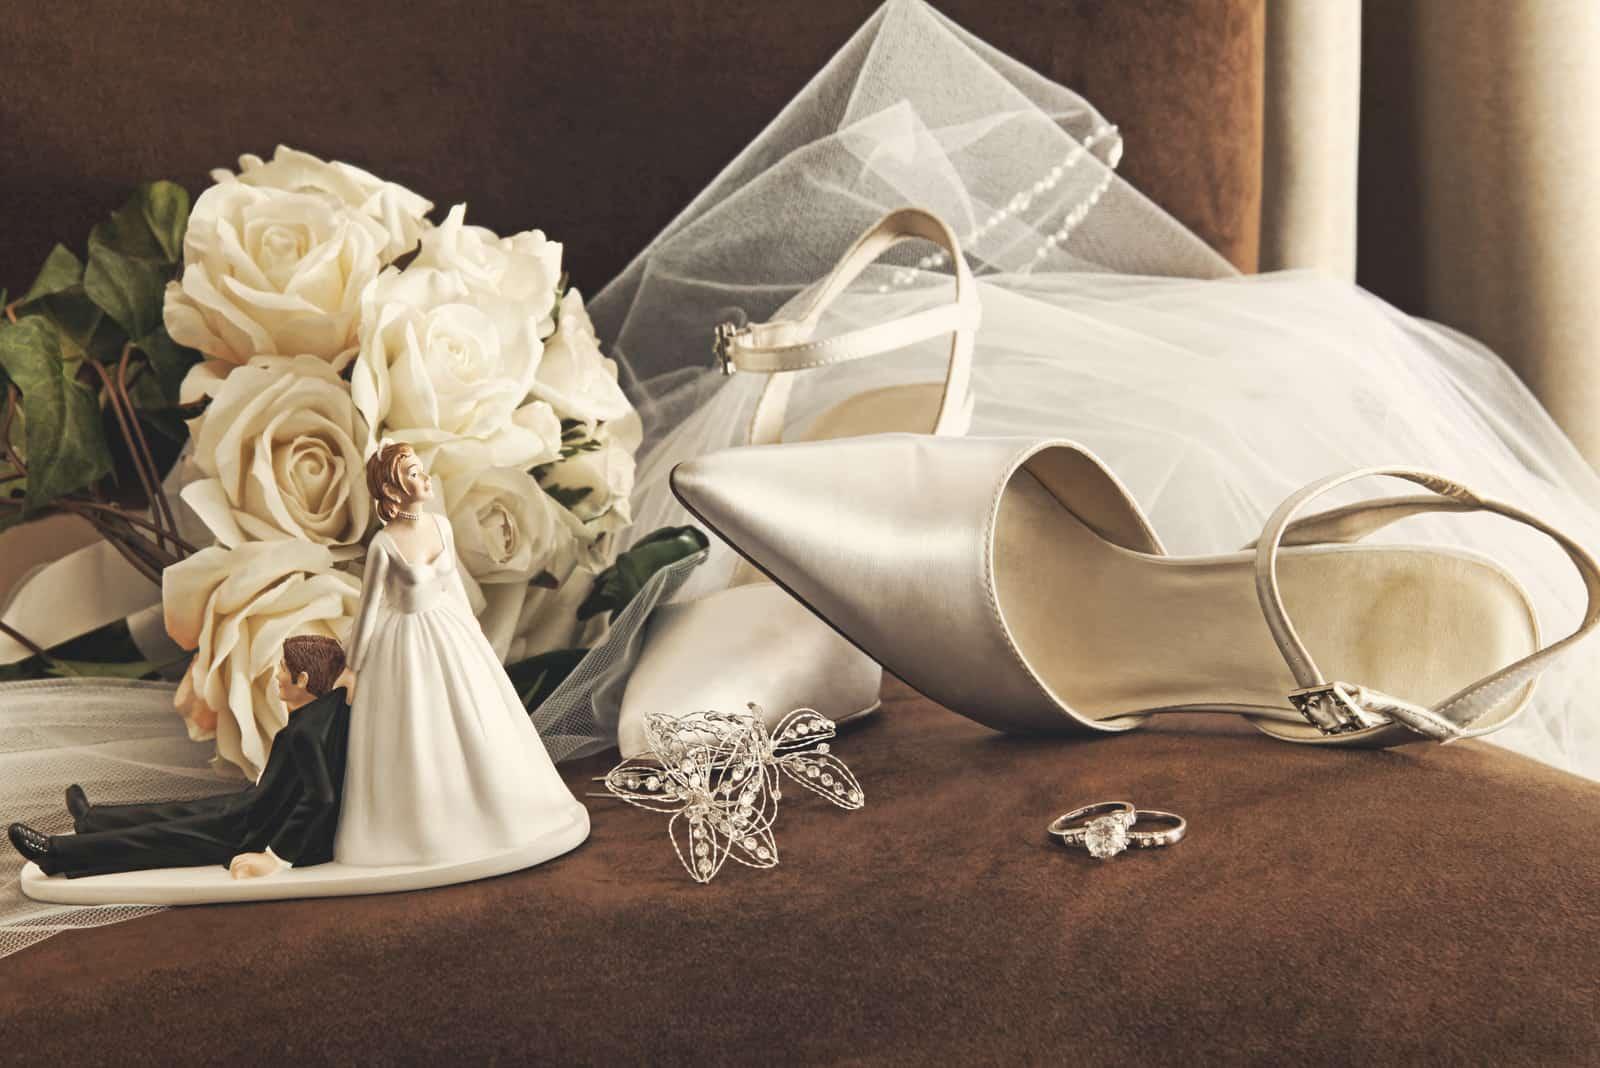 eine Reihe von Kleidern für die Braut